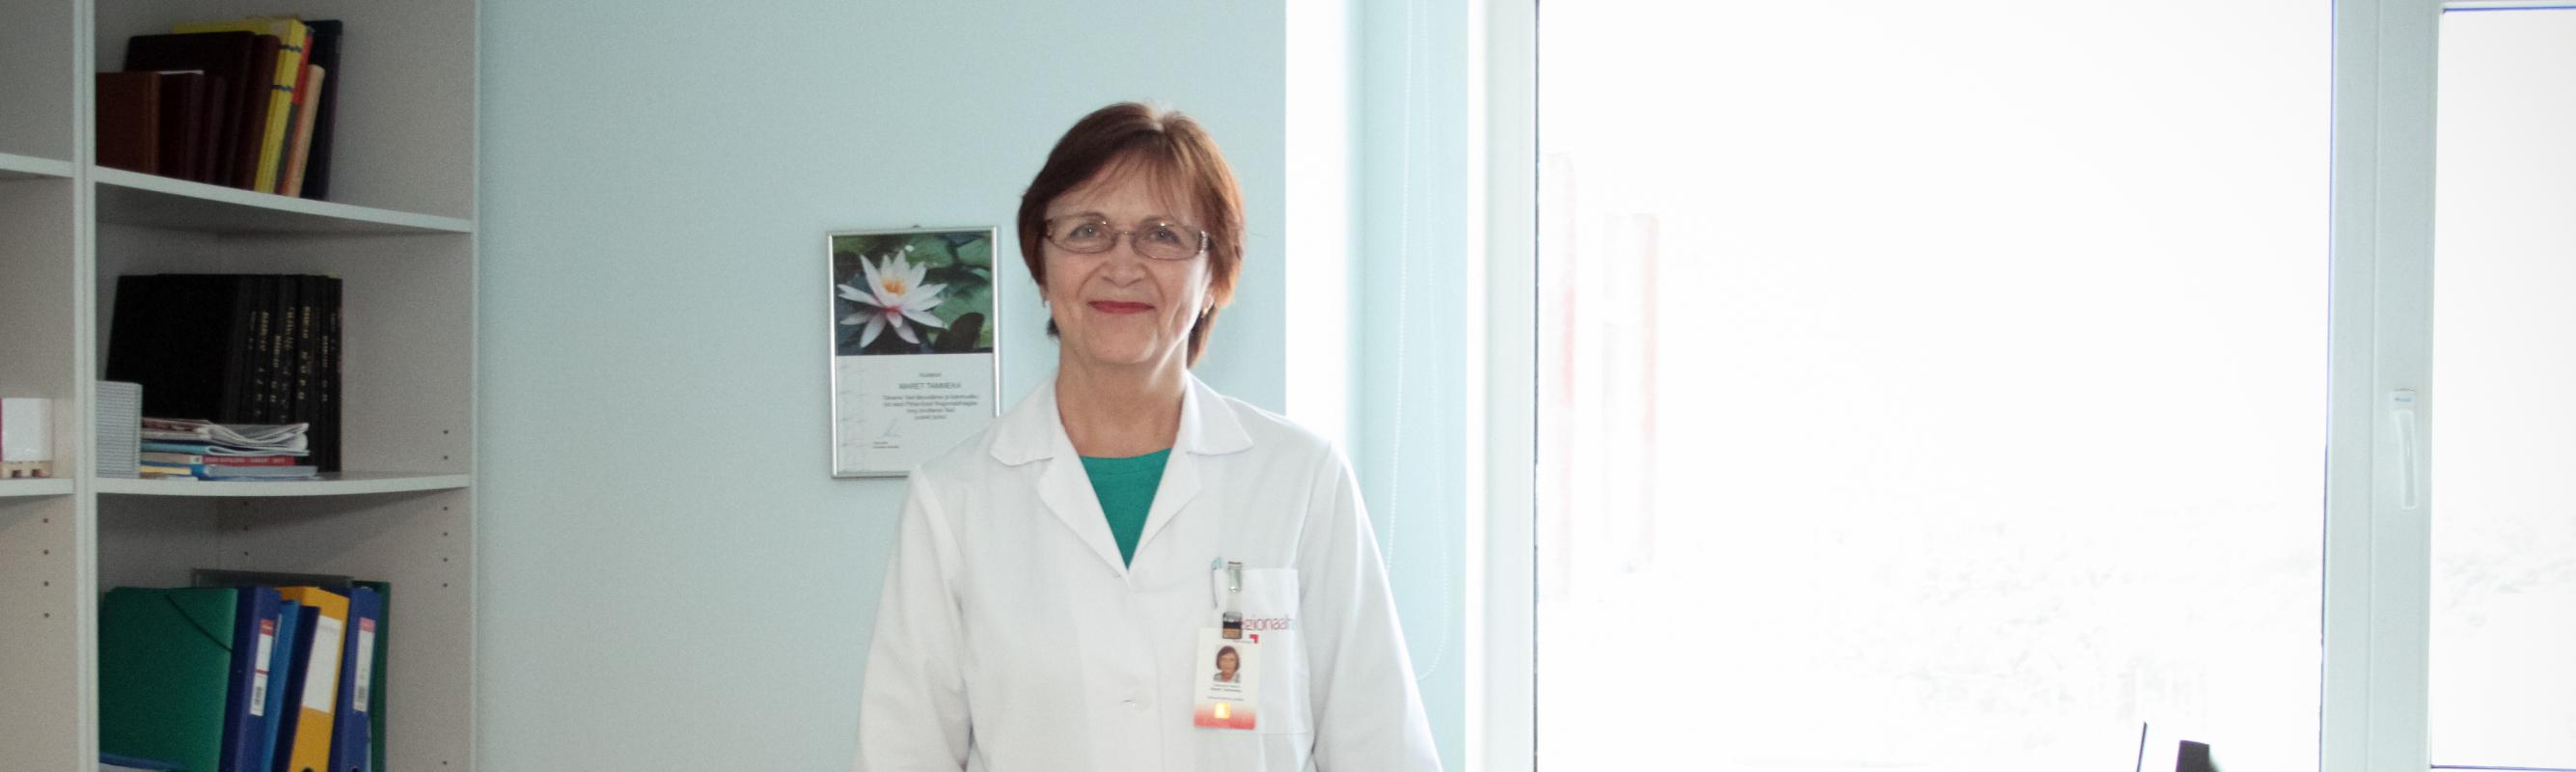 Taastusravi keskuse juhataja dr Maret Tammeka Foto: Silver Raidla